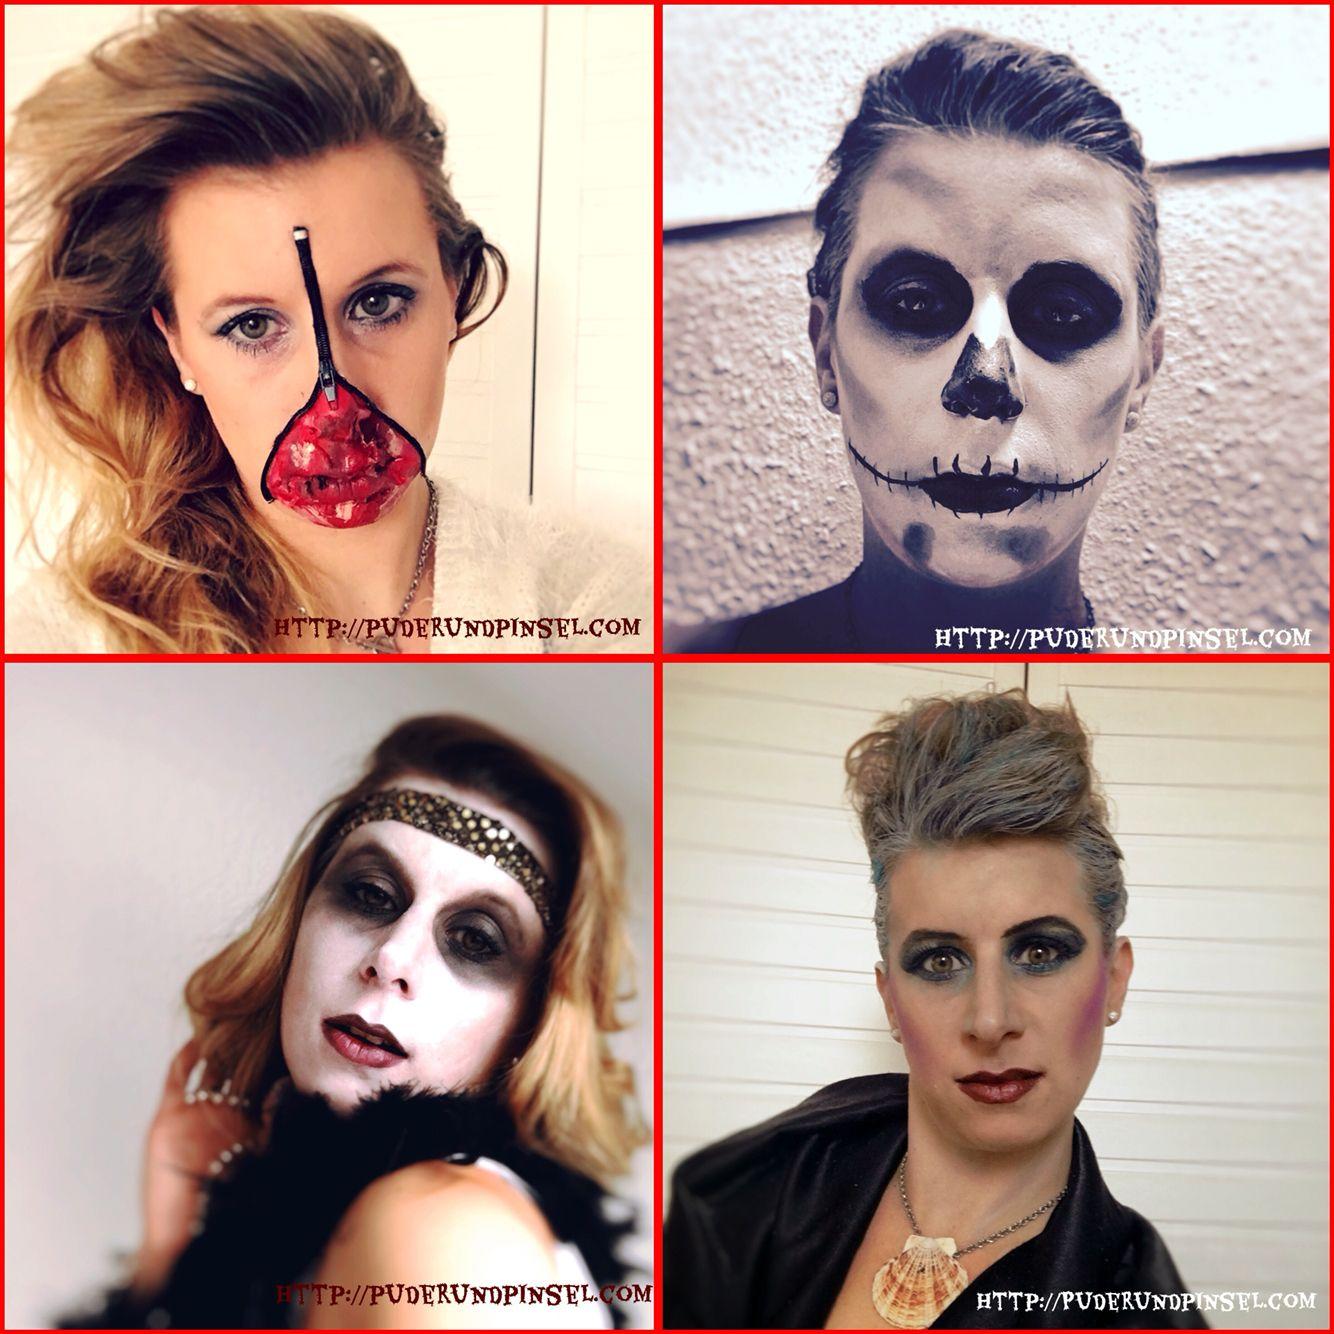 Puder Und Pinsel Straubing Halloween Make Up Ideen Gesicht Und